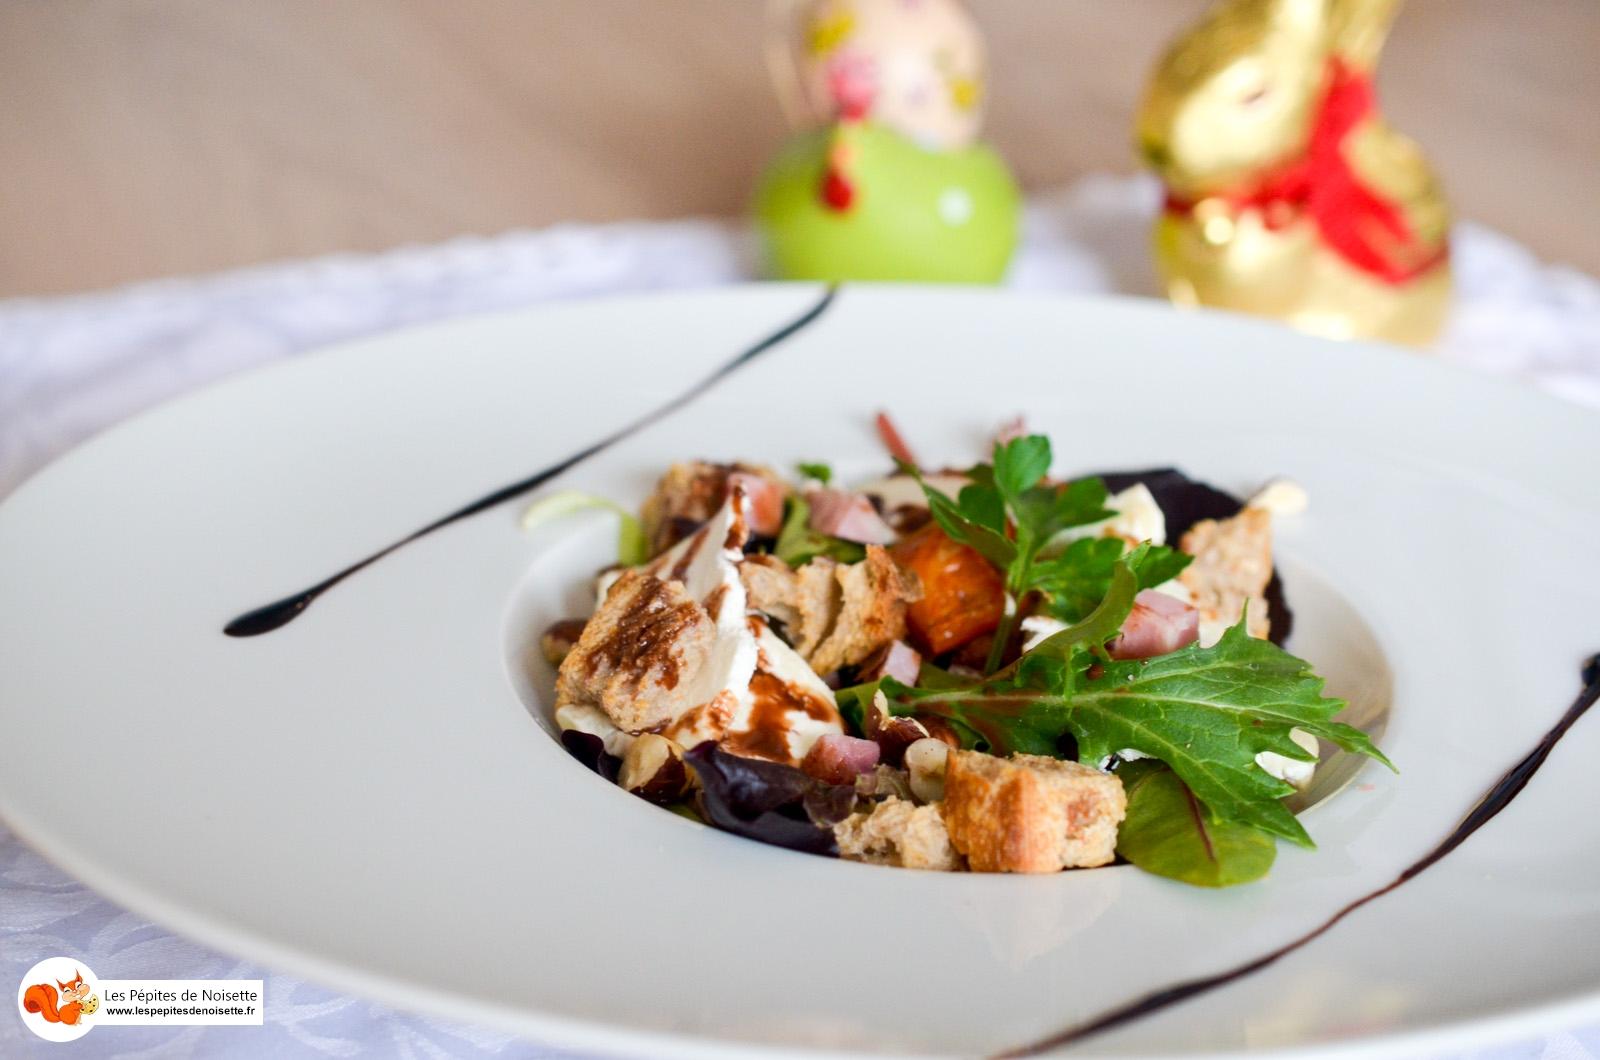 Salade Chabichou Chocolat Noisette (7 Sur 7)